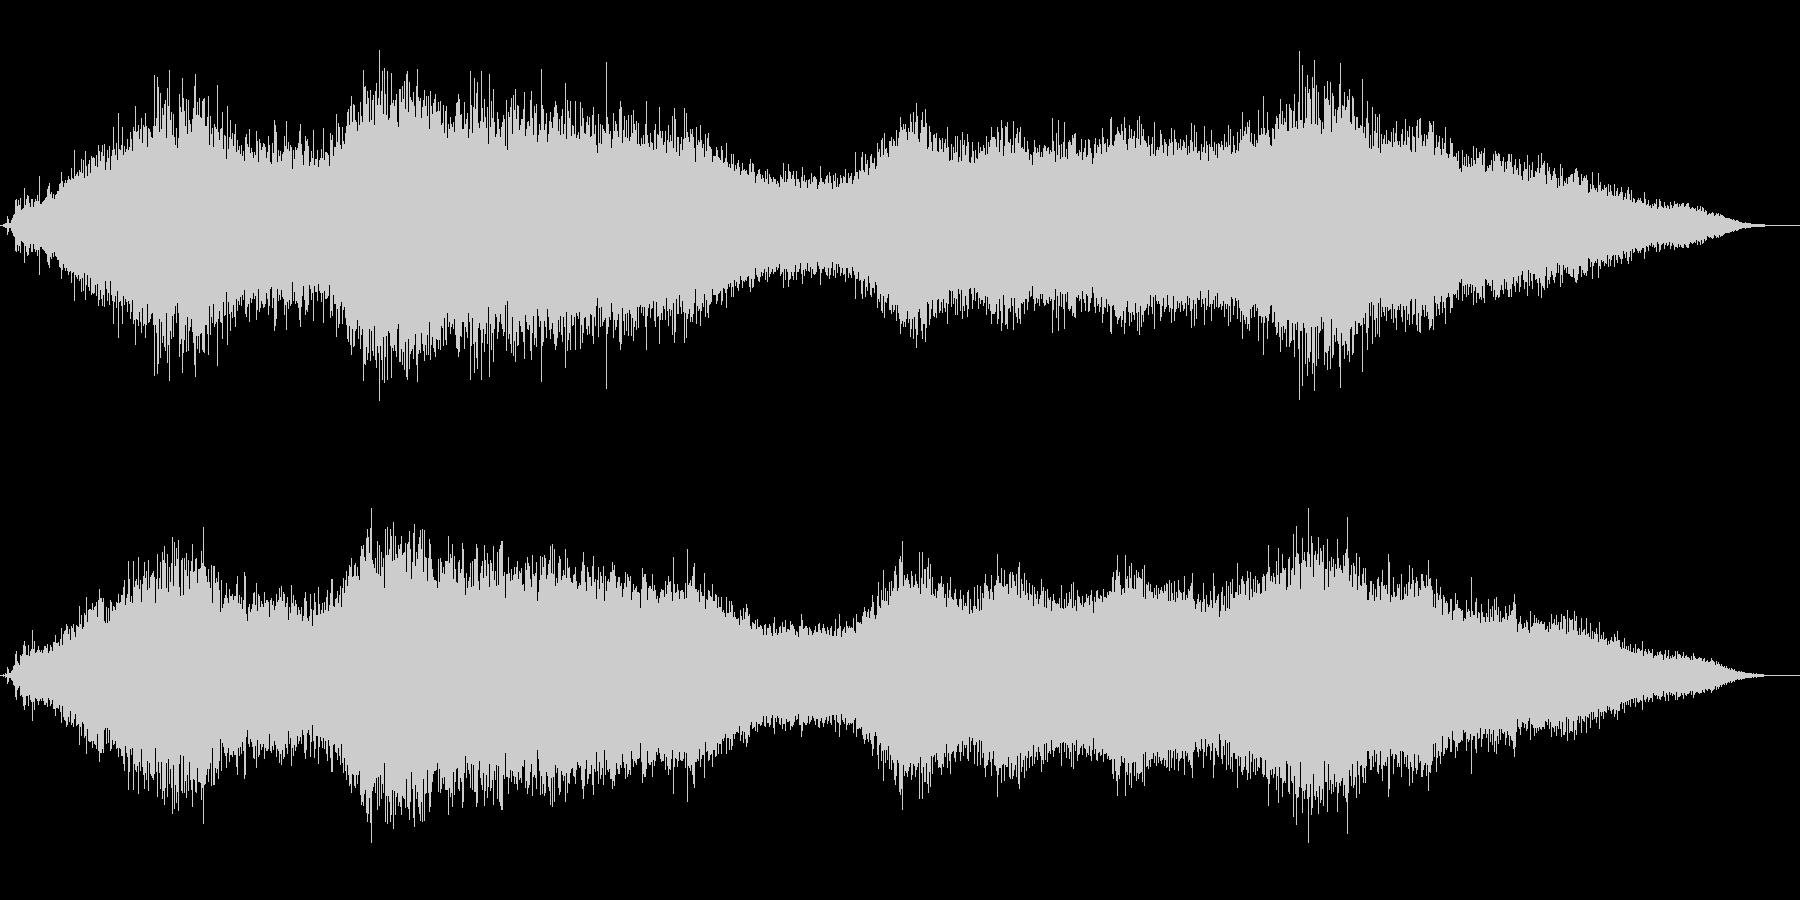 流氷と風音のクリスタルかつ神秘的な音風景の未再生の波形